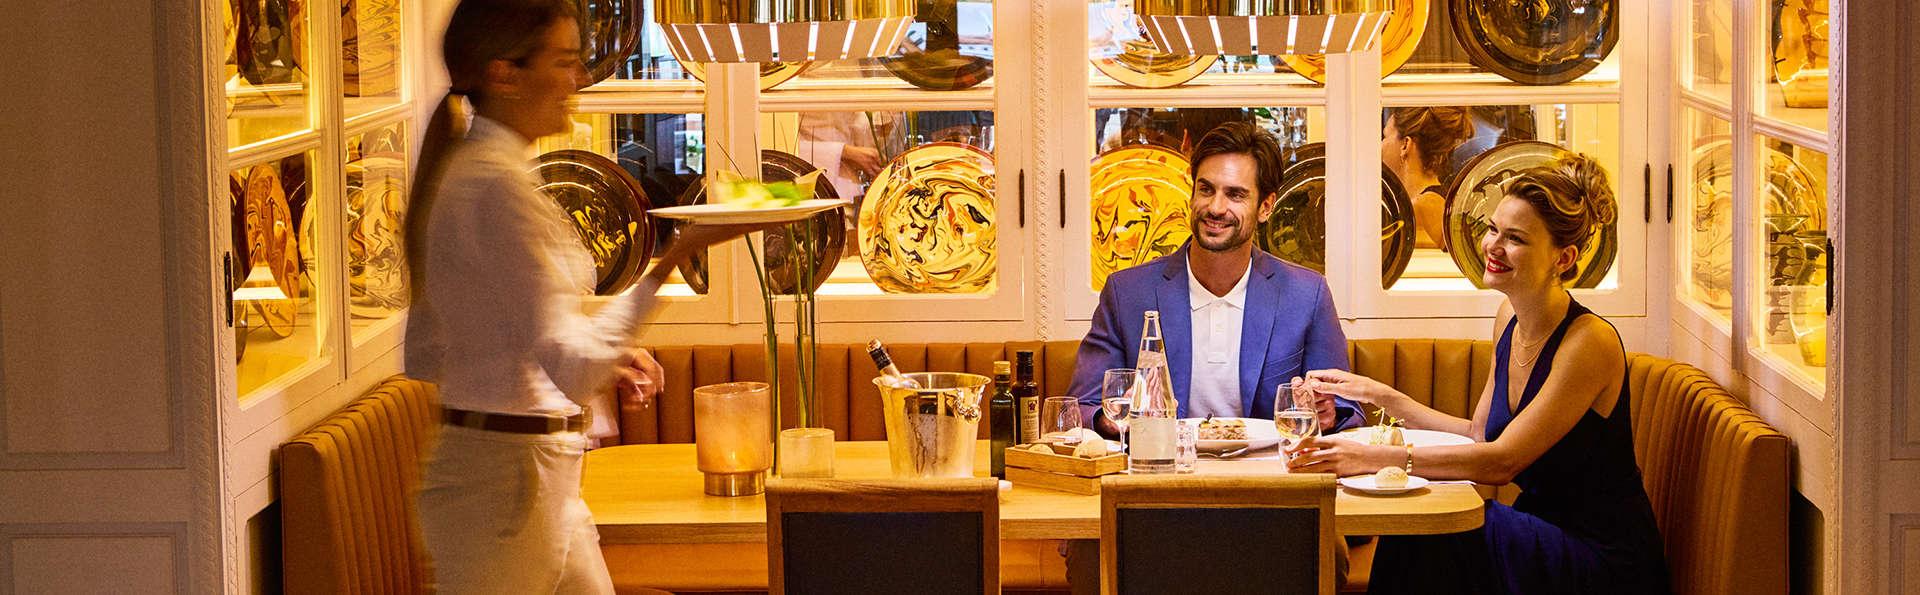 Profitez d'un repos bien mérité dans un resort 5* de luxe près de Gérone